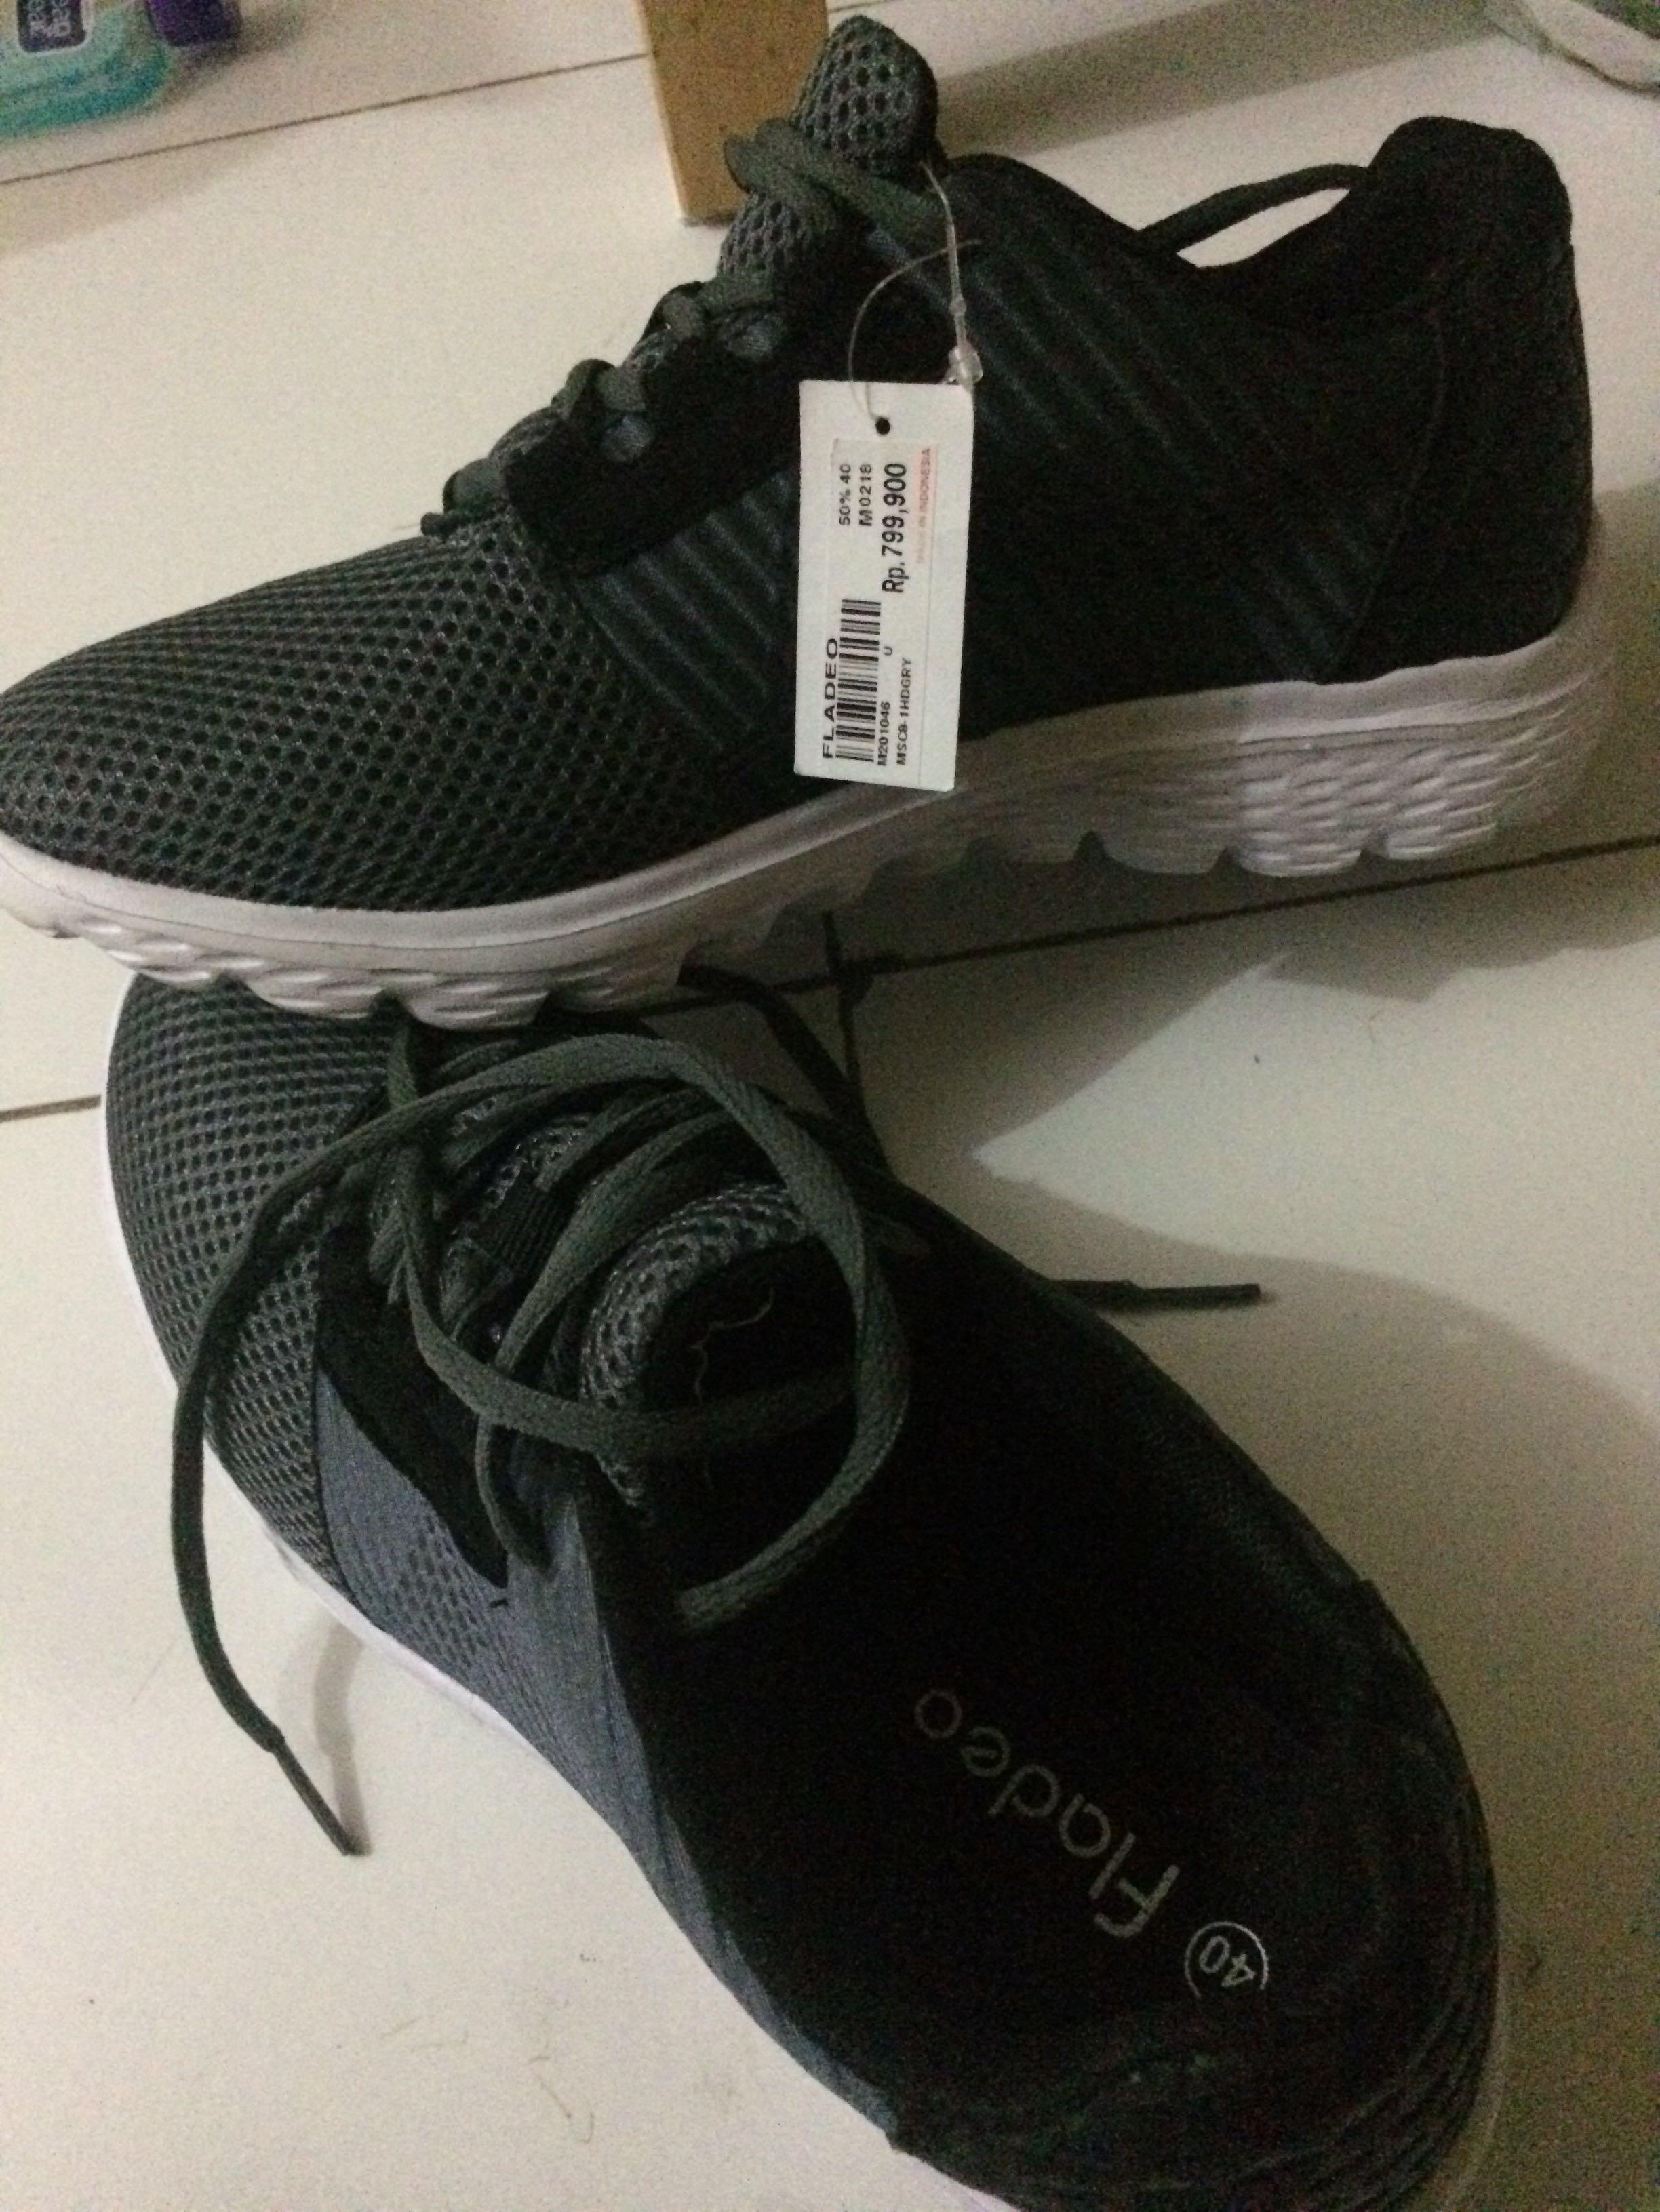 sepatu sneakers cewek/cowok fladeo, Men's Fashion, Men's Footwear, Sneakers on Carousell